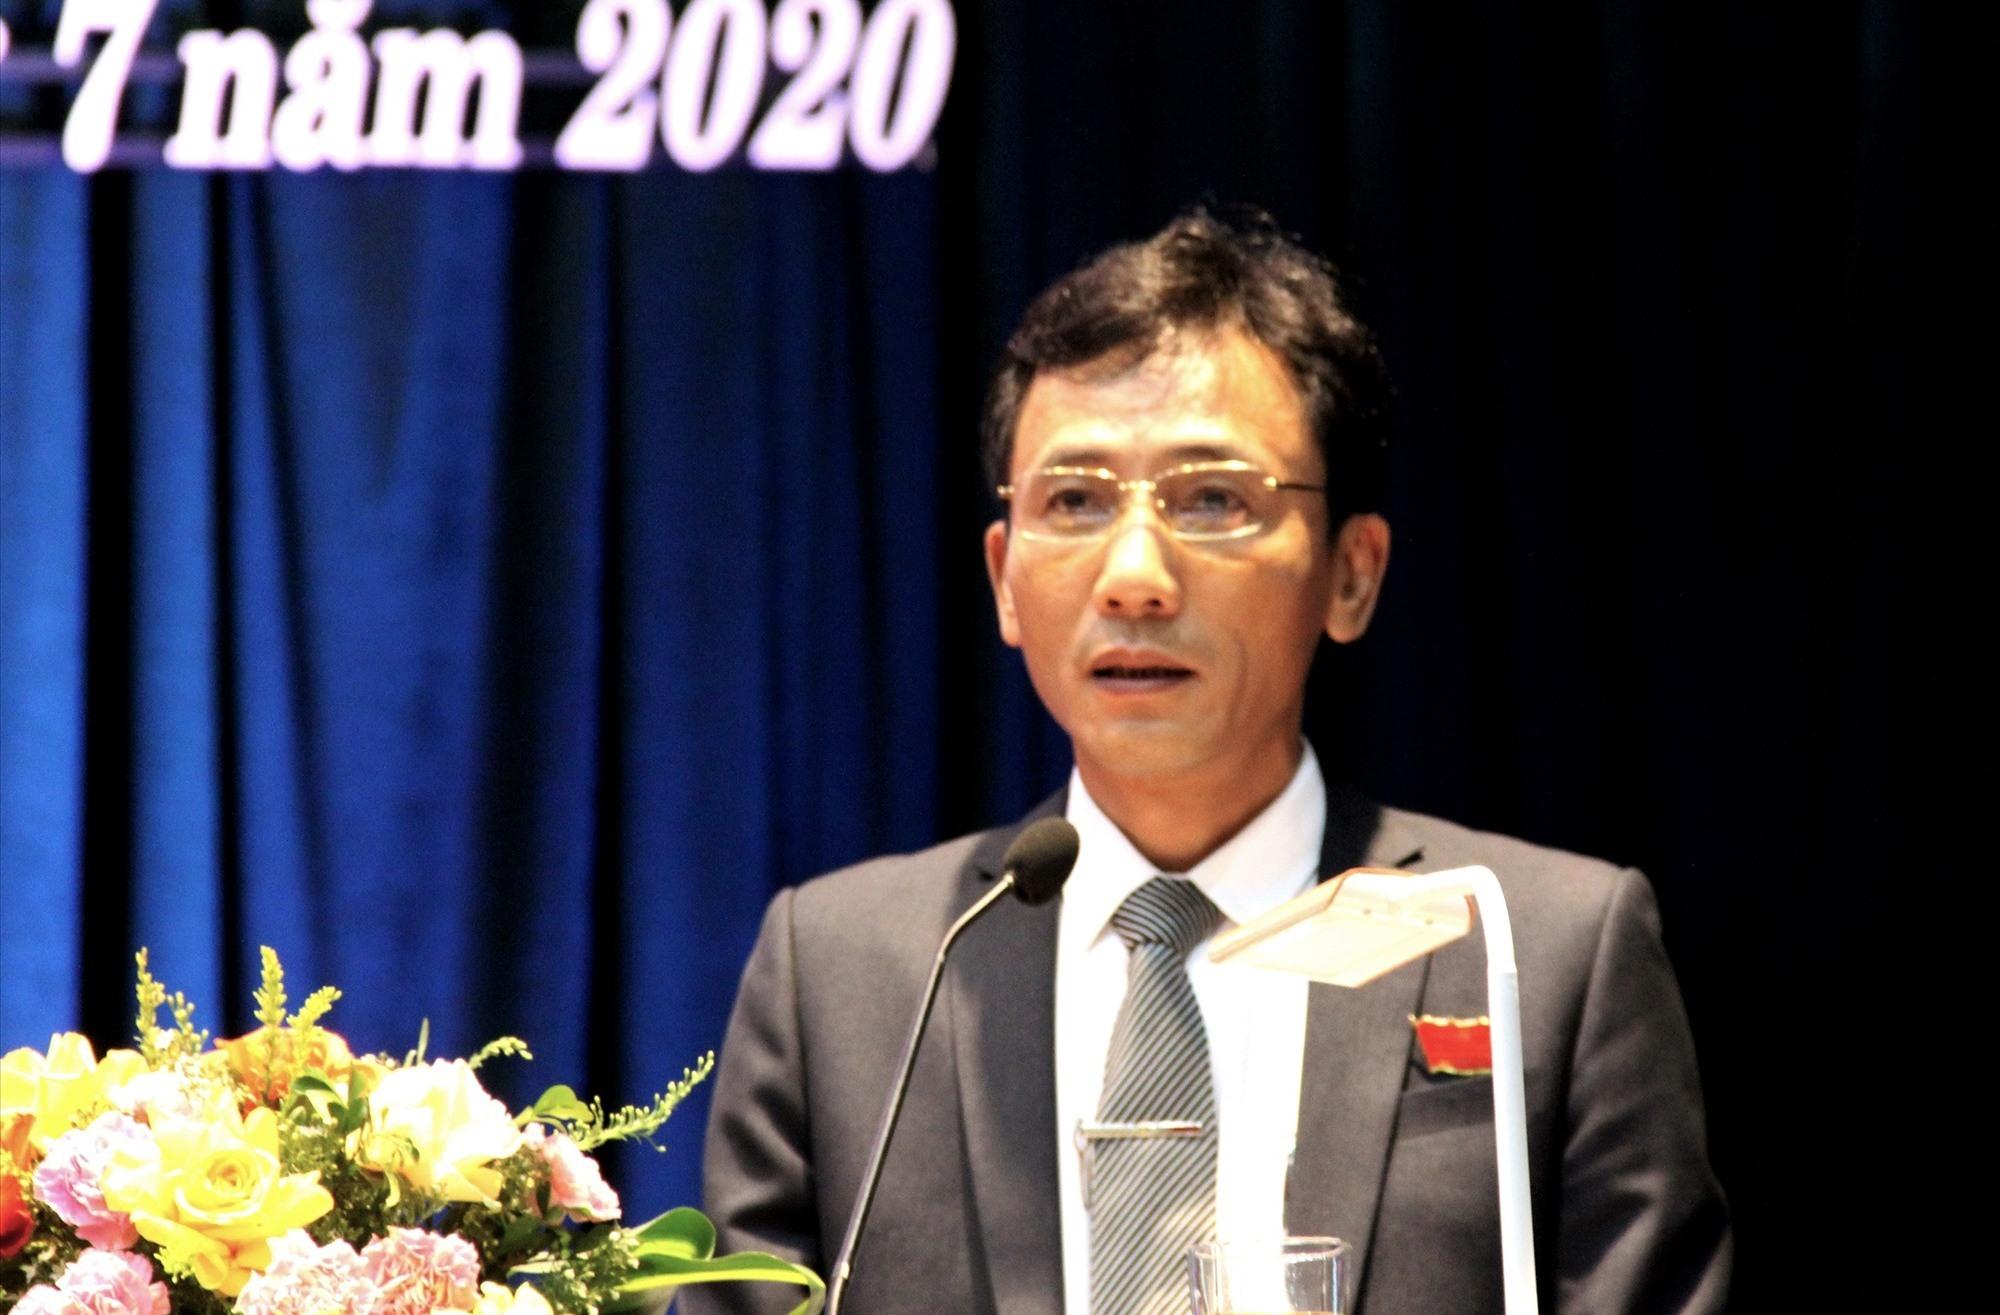 Đồng chí Nguyễn Phi Thạnh tái đắc cử Bí thư Huyện ủy Phú Ninh khóa XXI (nhiệm kỳ 2020 - 2025). Ảnh: VINH ANH